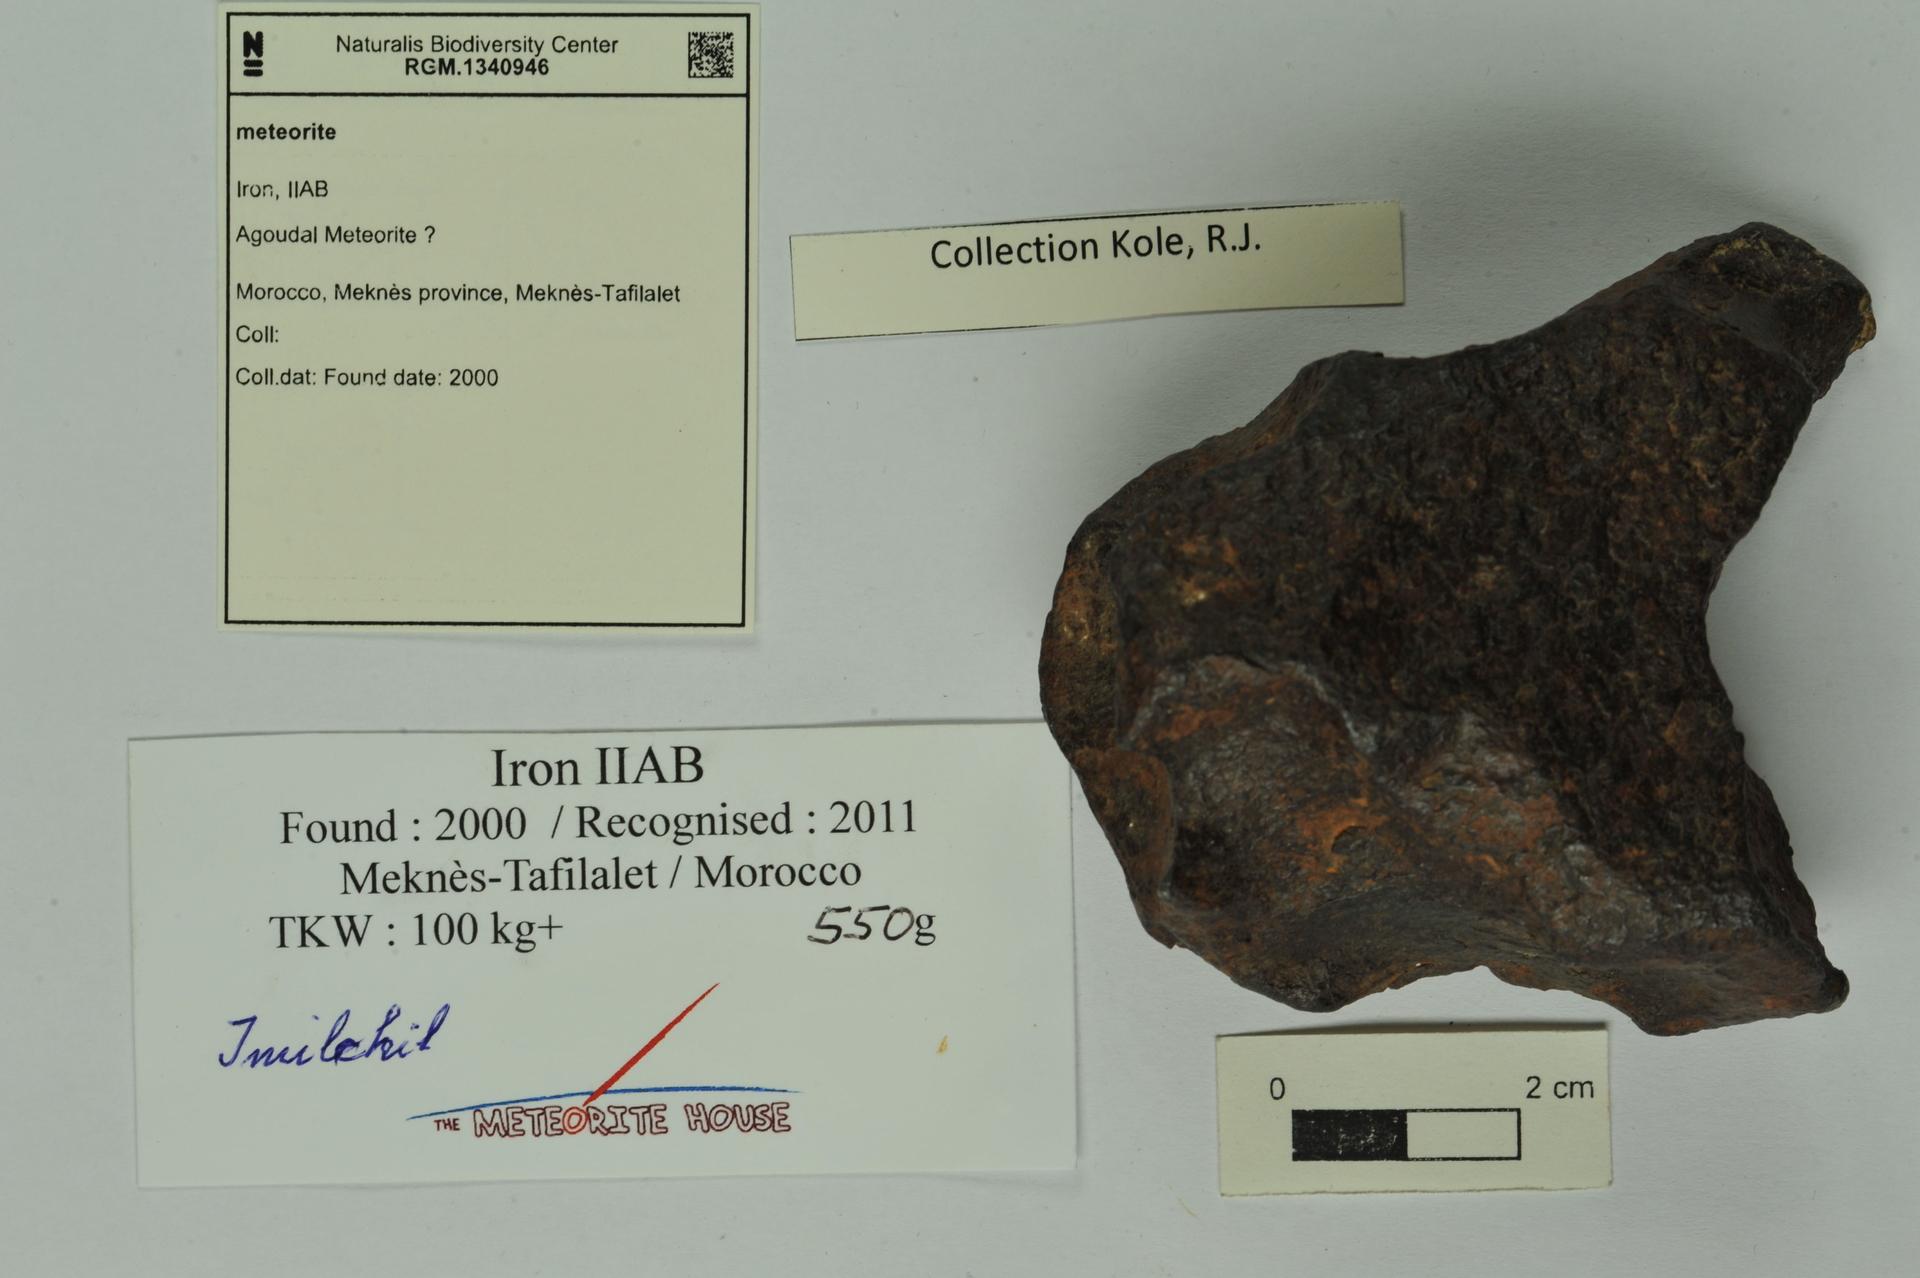 RGM.1340946 | Iron, IIAB